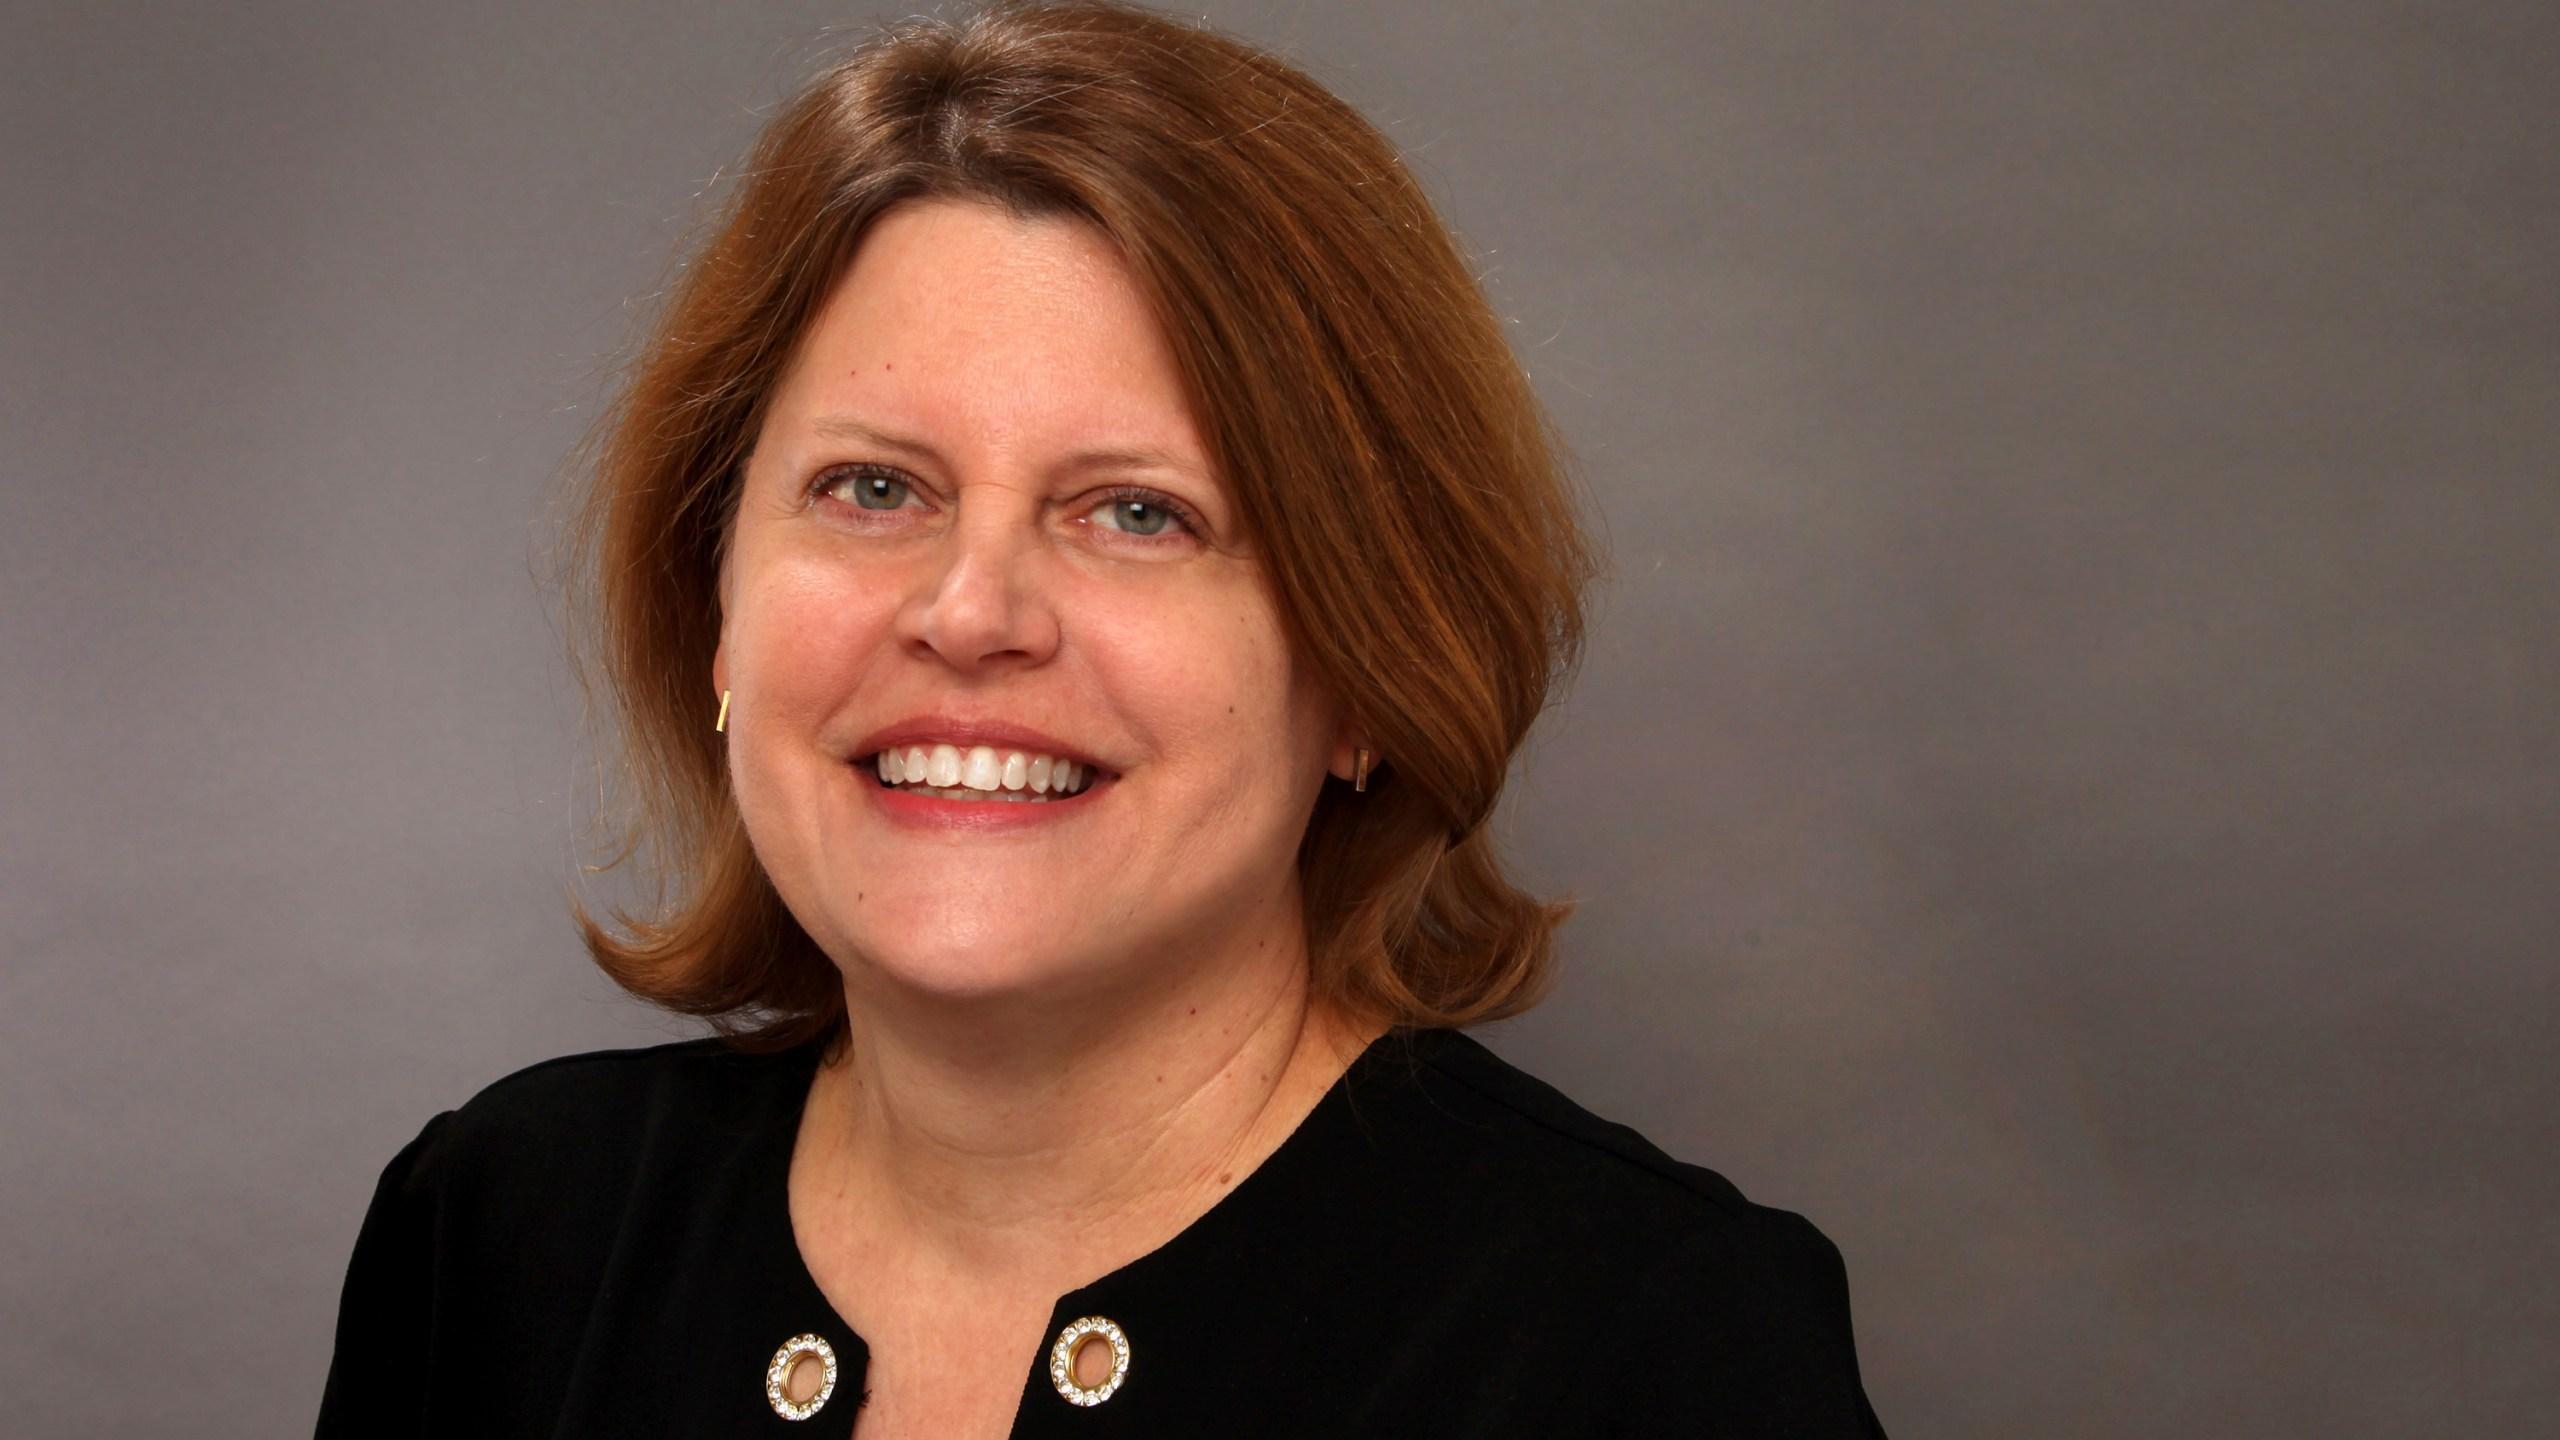 Buzbee Washington Post, Sally Buzbee